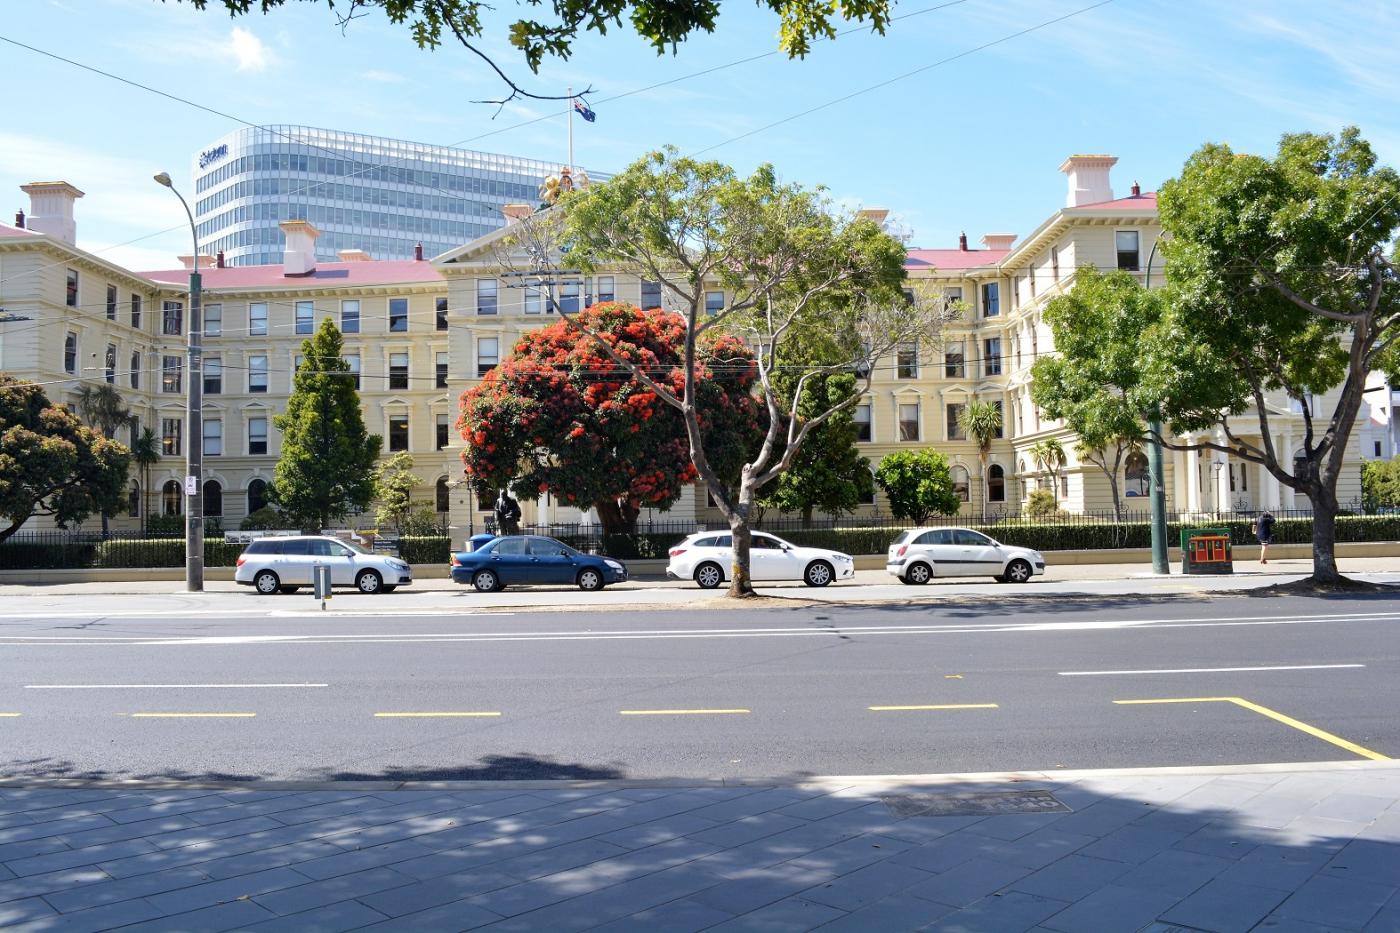 新西兰首都惠灵顿街景_图1-6